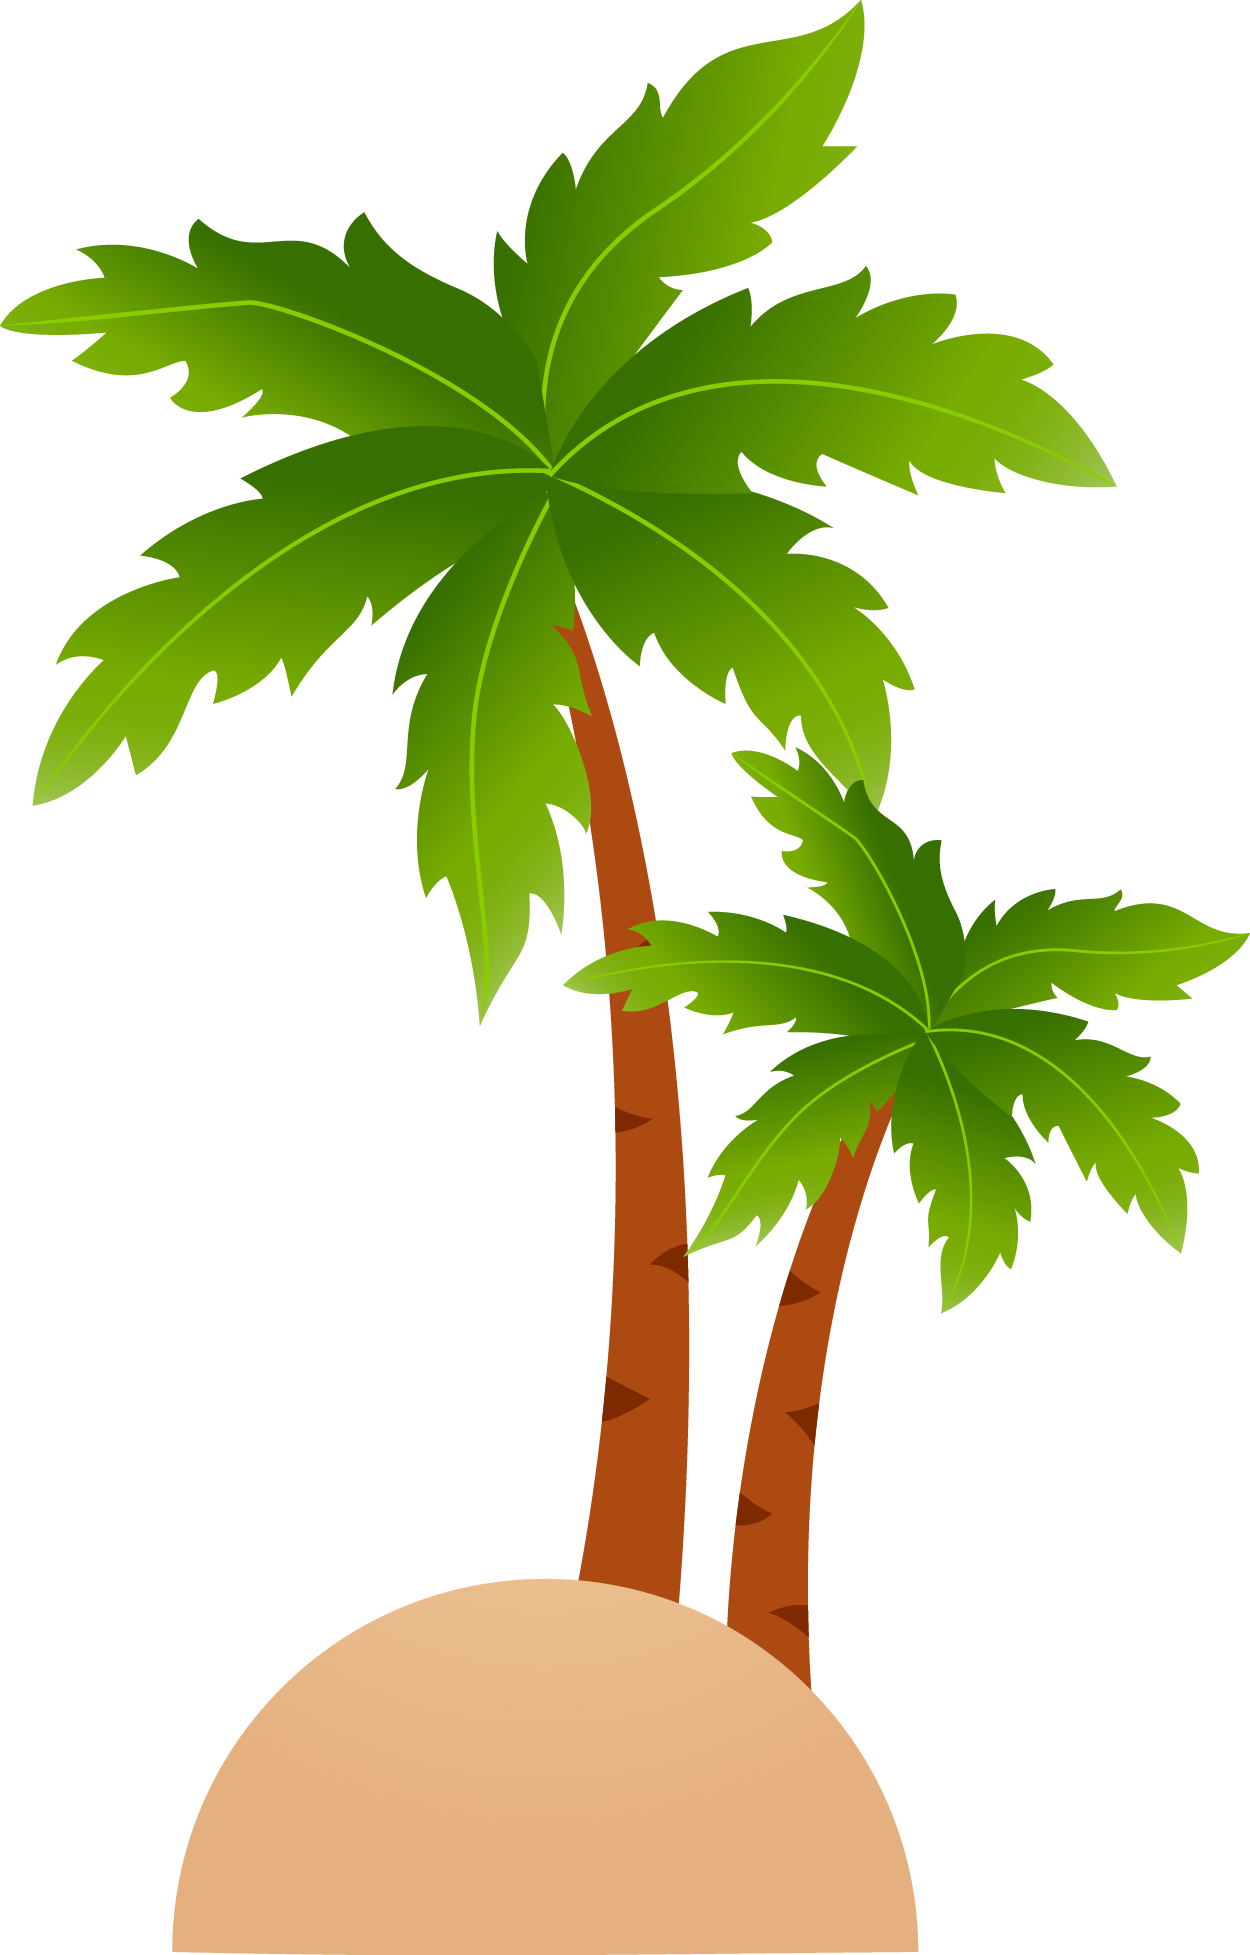 Islands resort cartoon clip. Coconut clipart tropical coconut